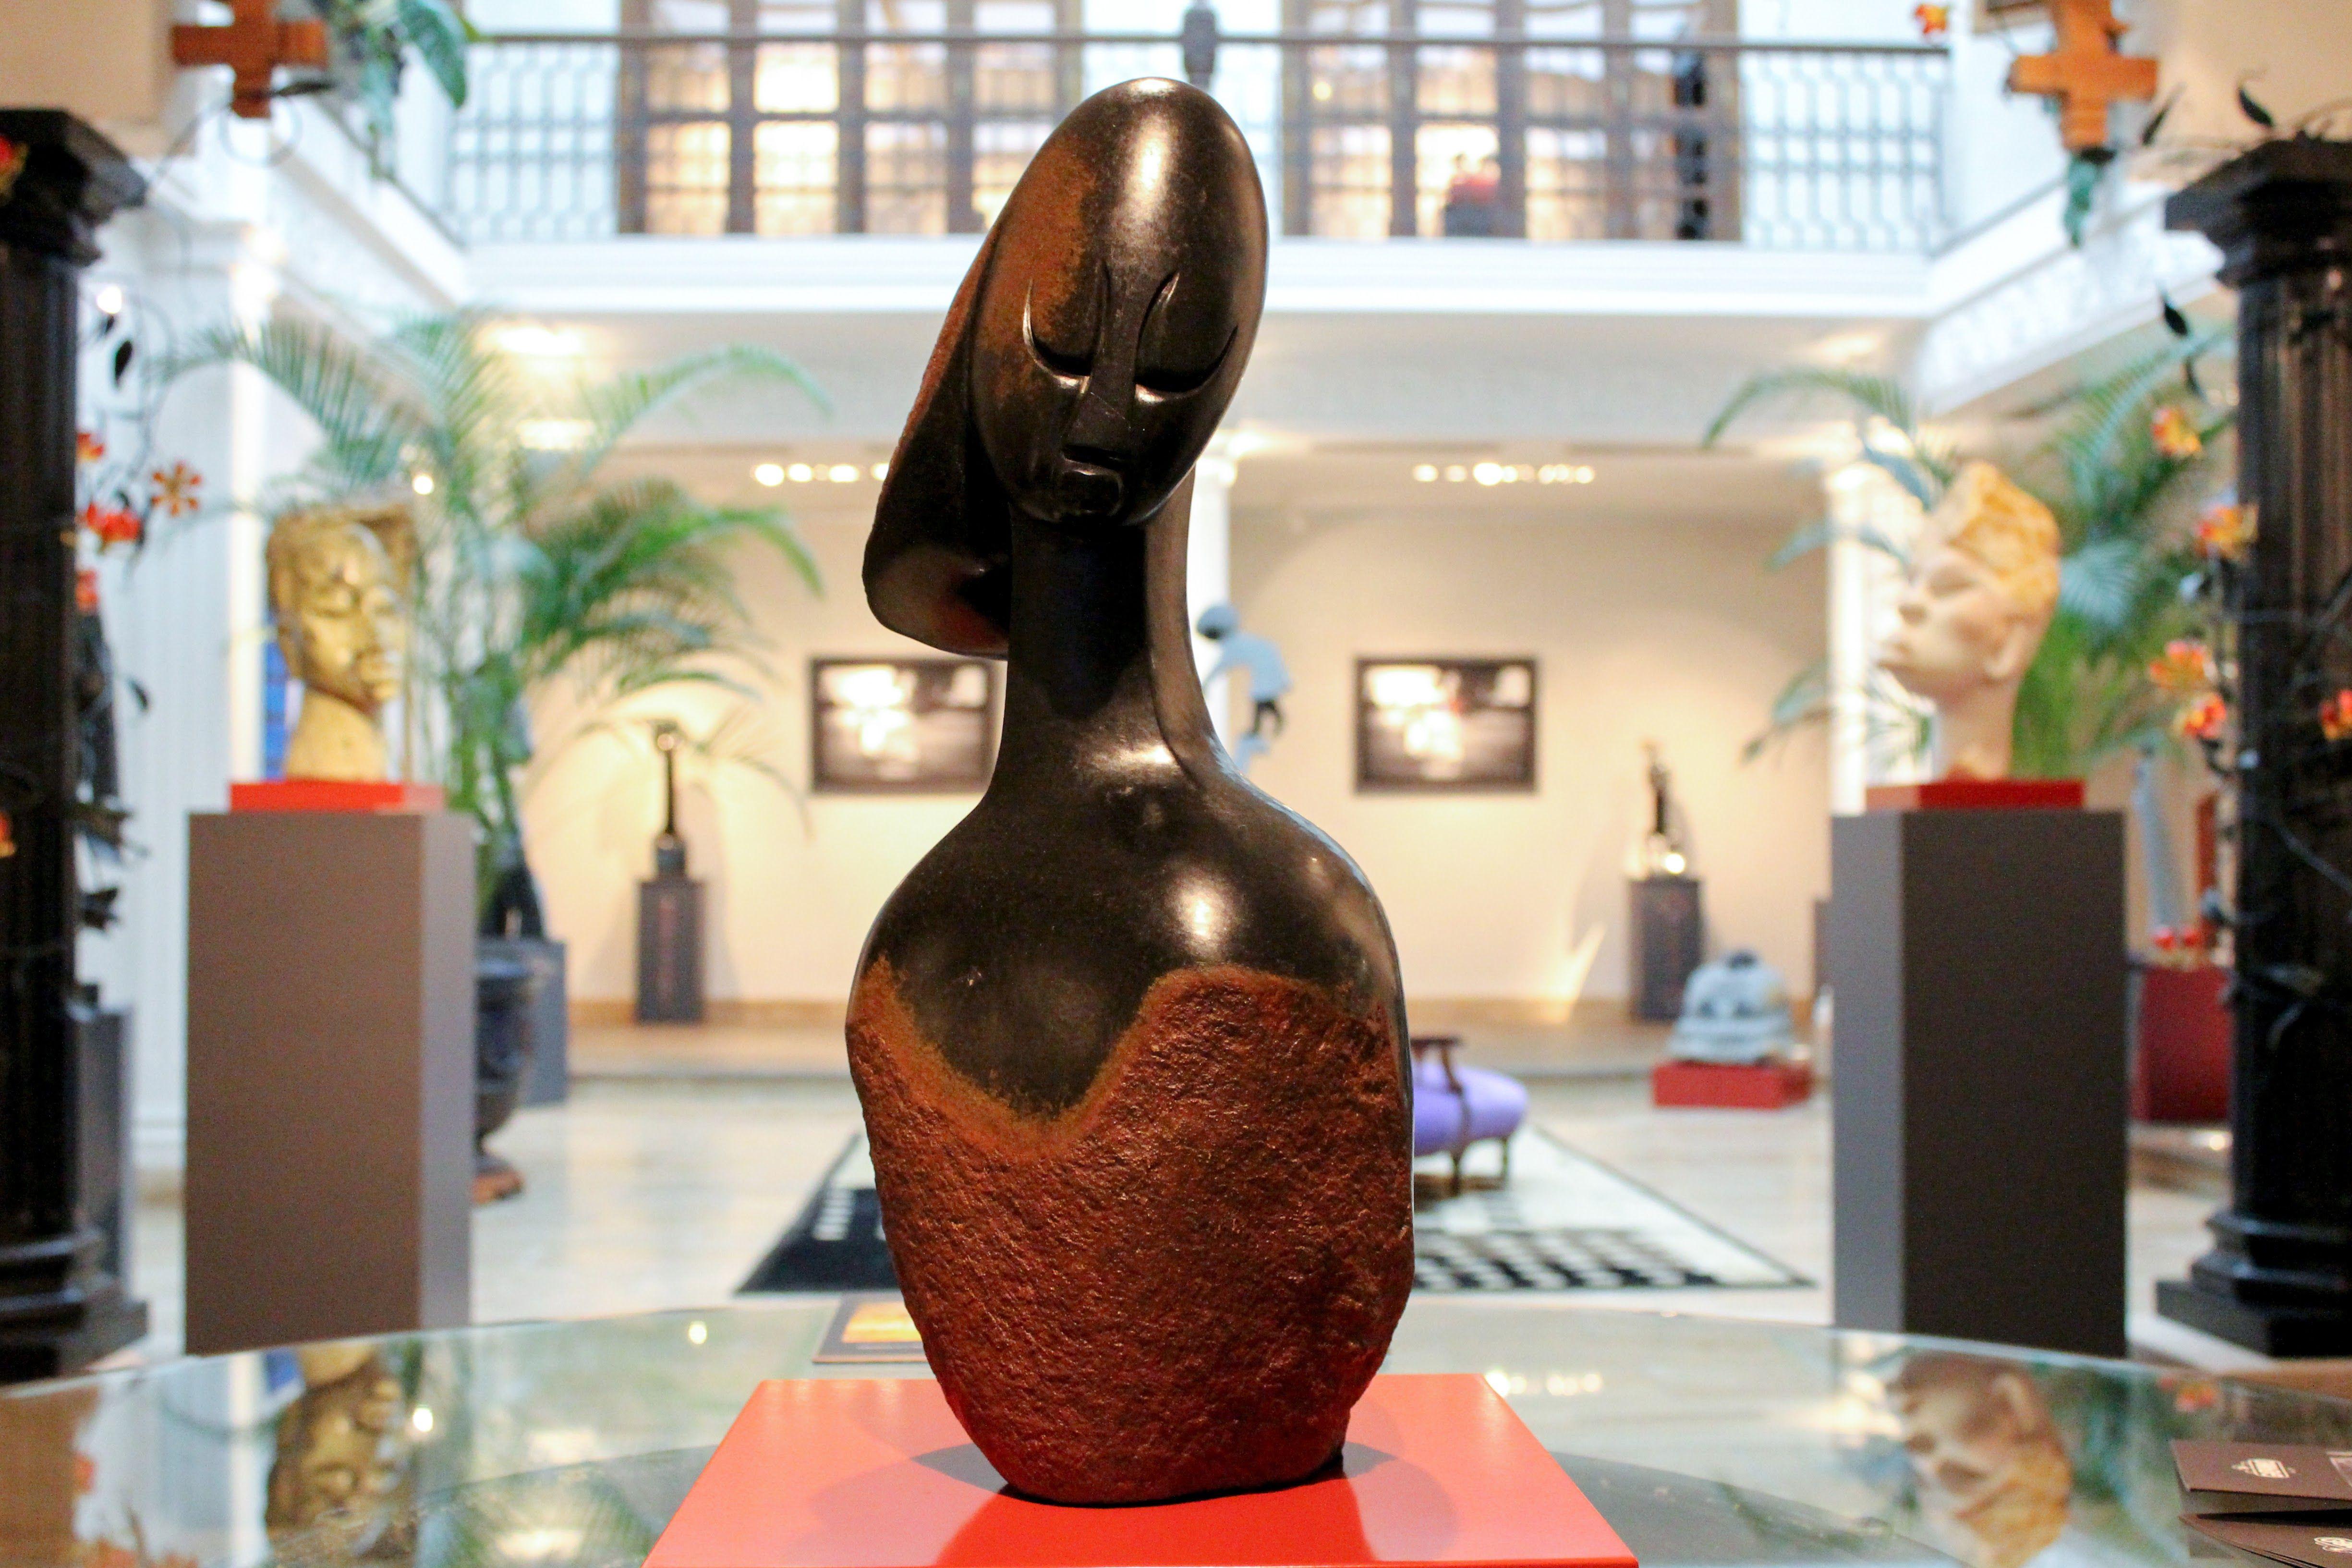 Foto 1 de Galería de arte africano en Madrid | Gazzambo Gallery